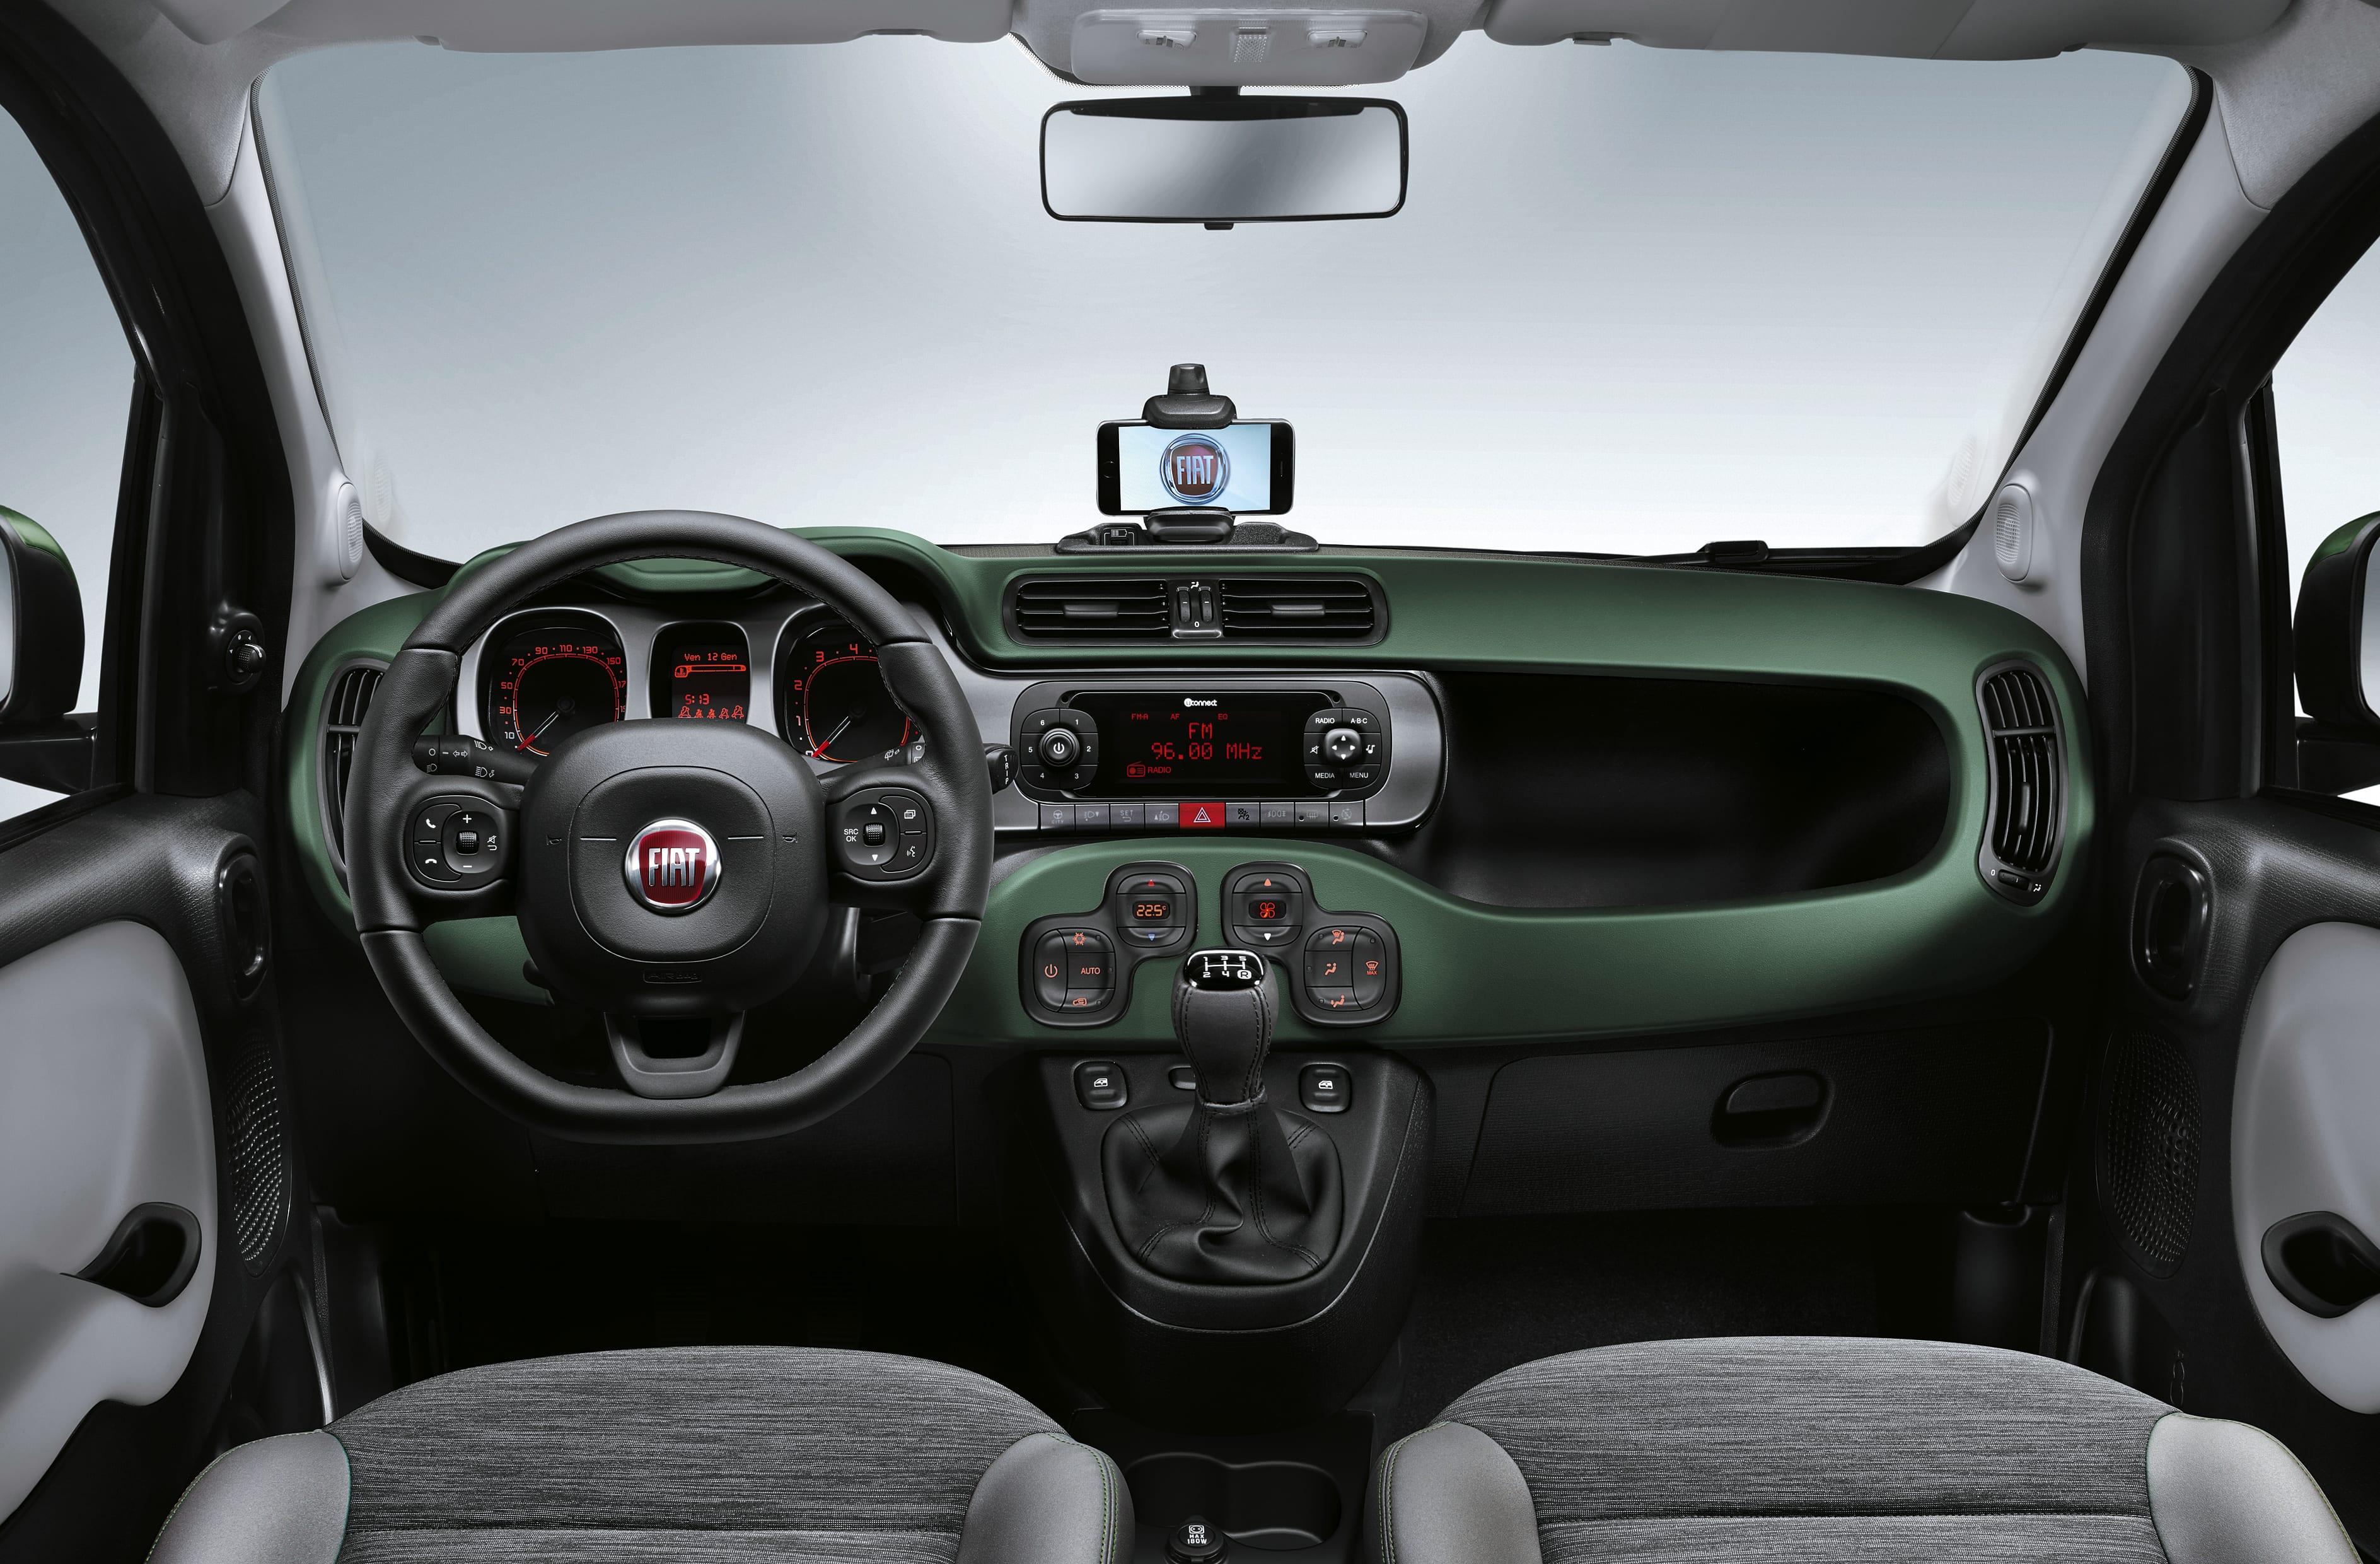 Fiat_Panda 4x4 dashboard